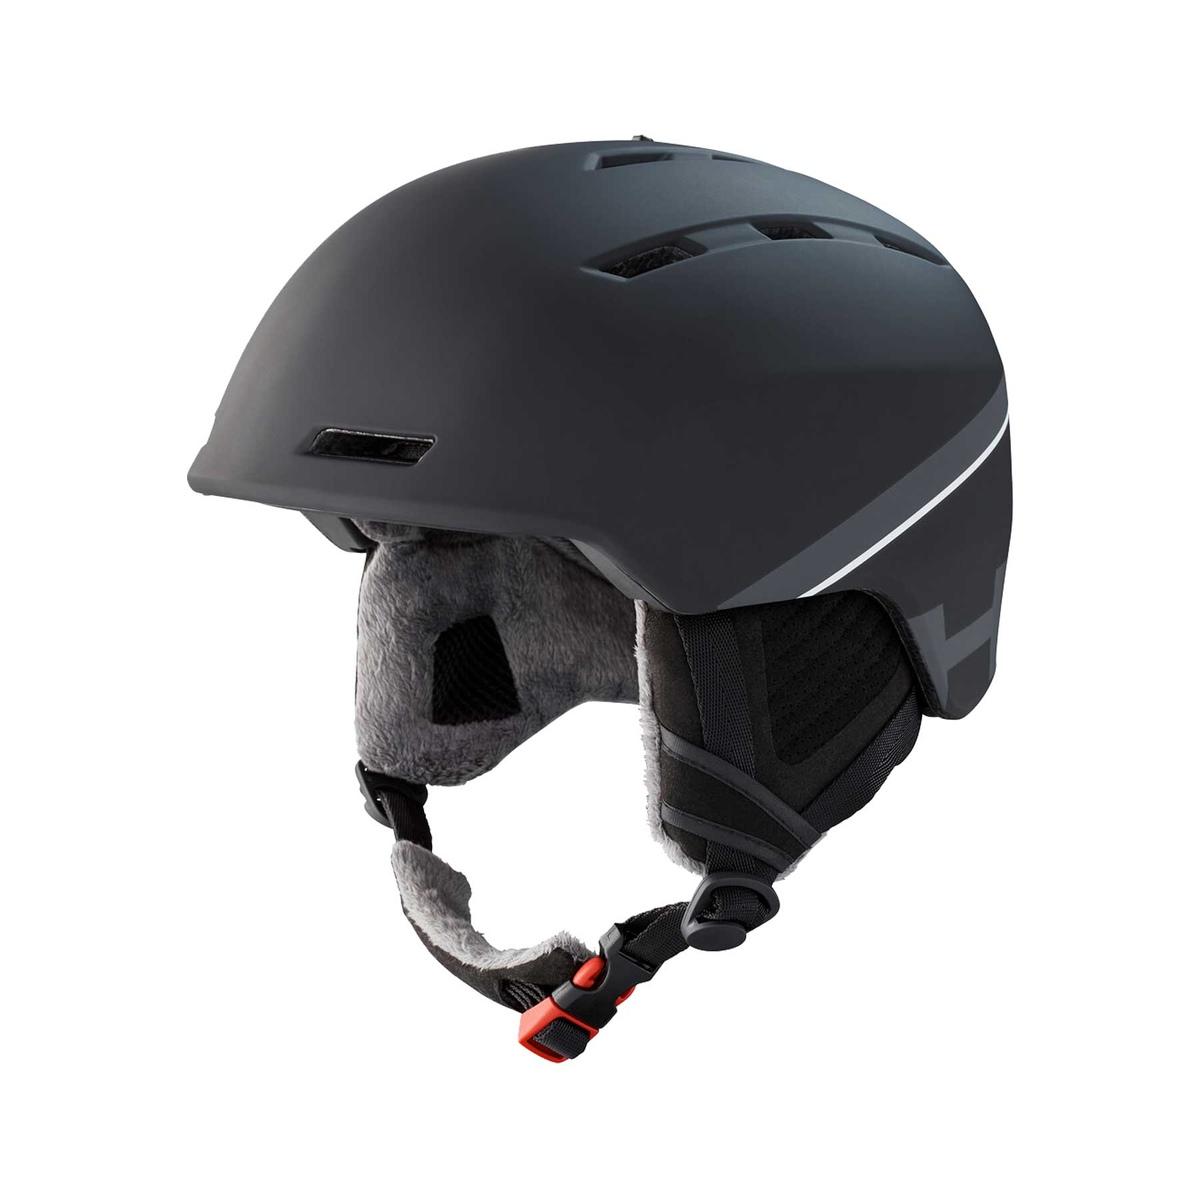 _PREMANUFACTURE_PRICE Head casco varius